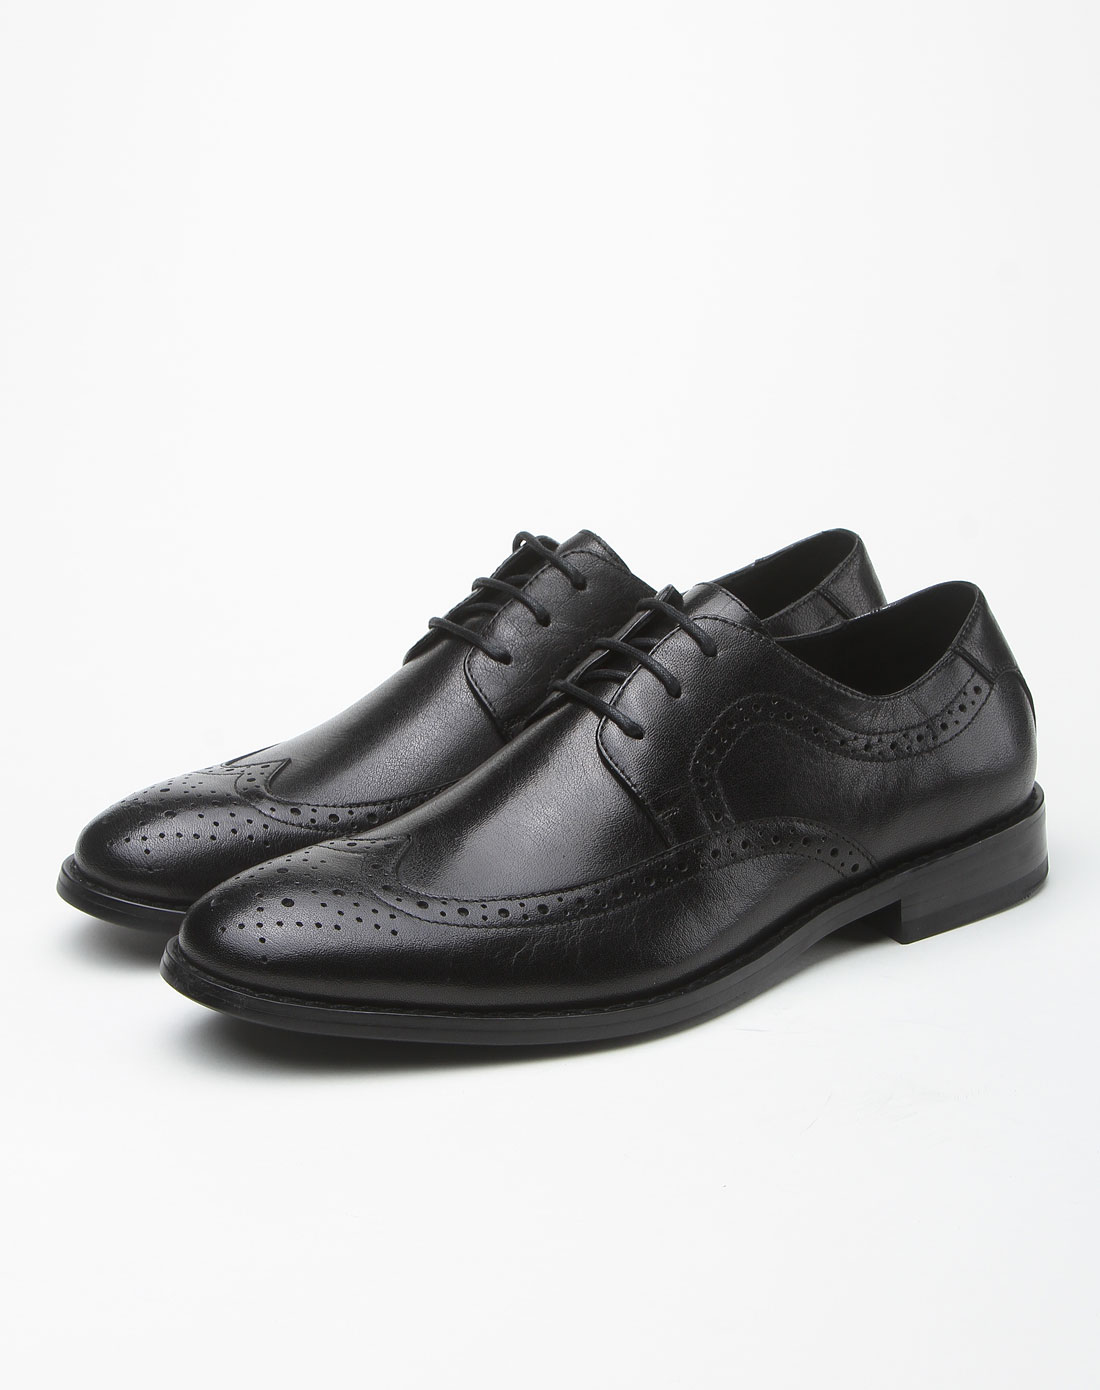 黑色布洛克商务正装皮鞋